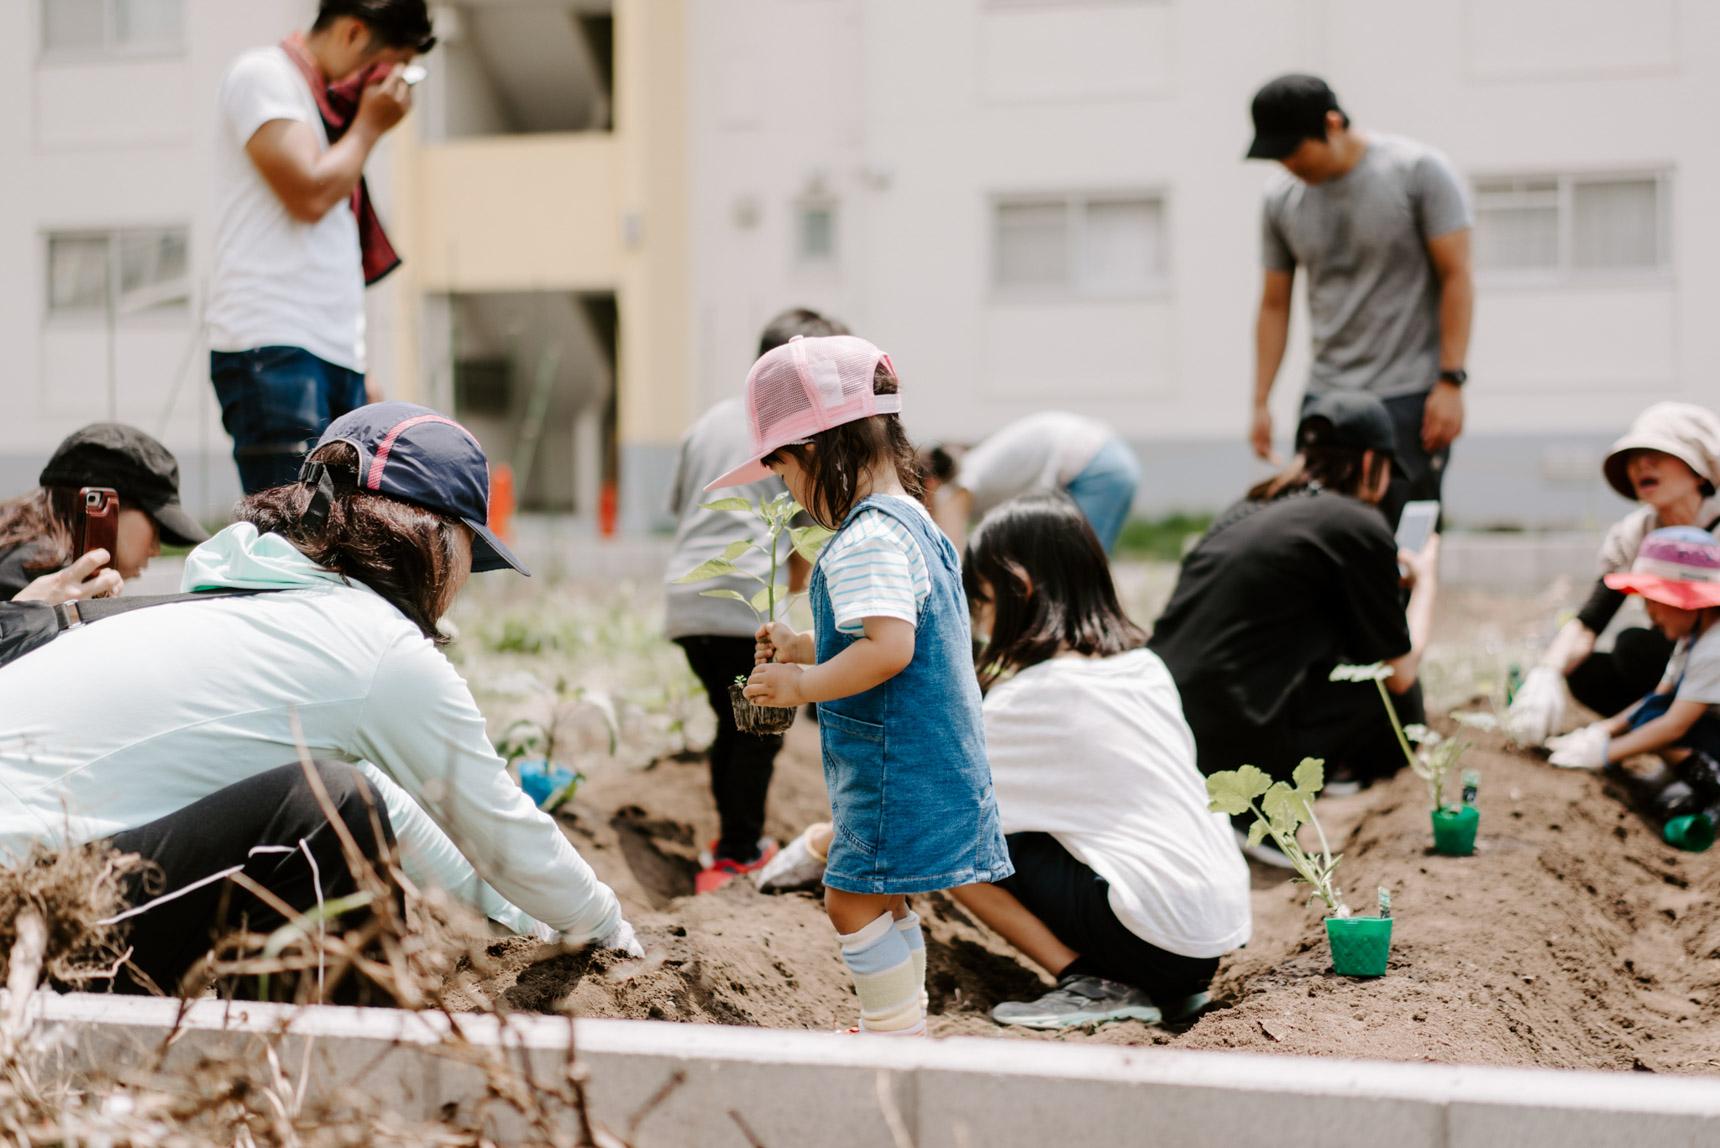 「農業」がつなげるコミュニティのある暮らし。「ハラッパ団地」の収穫祭&苗植え会に行ってきました